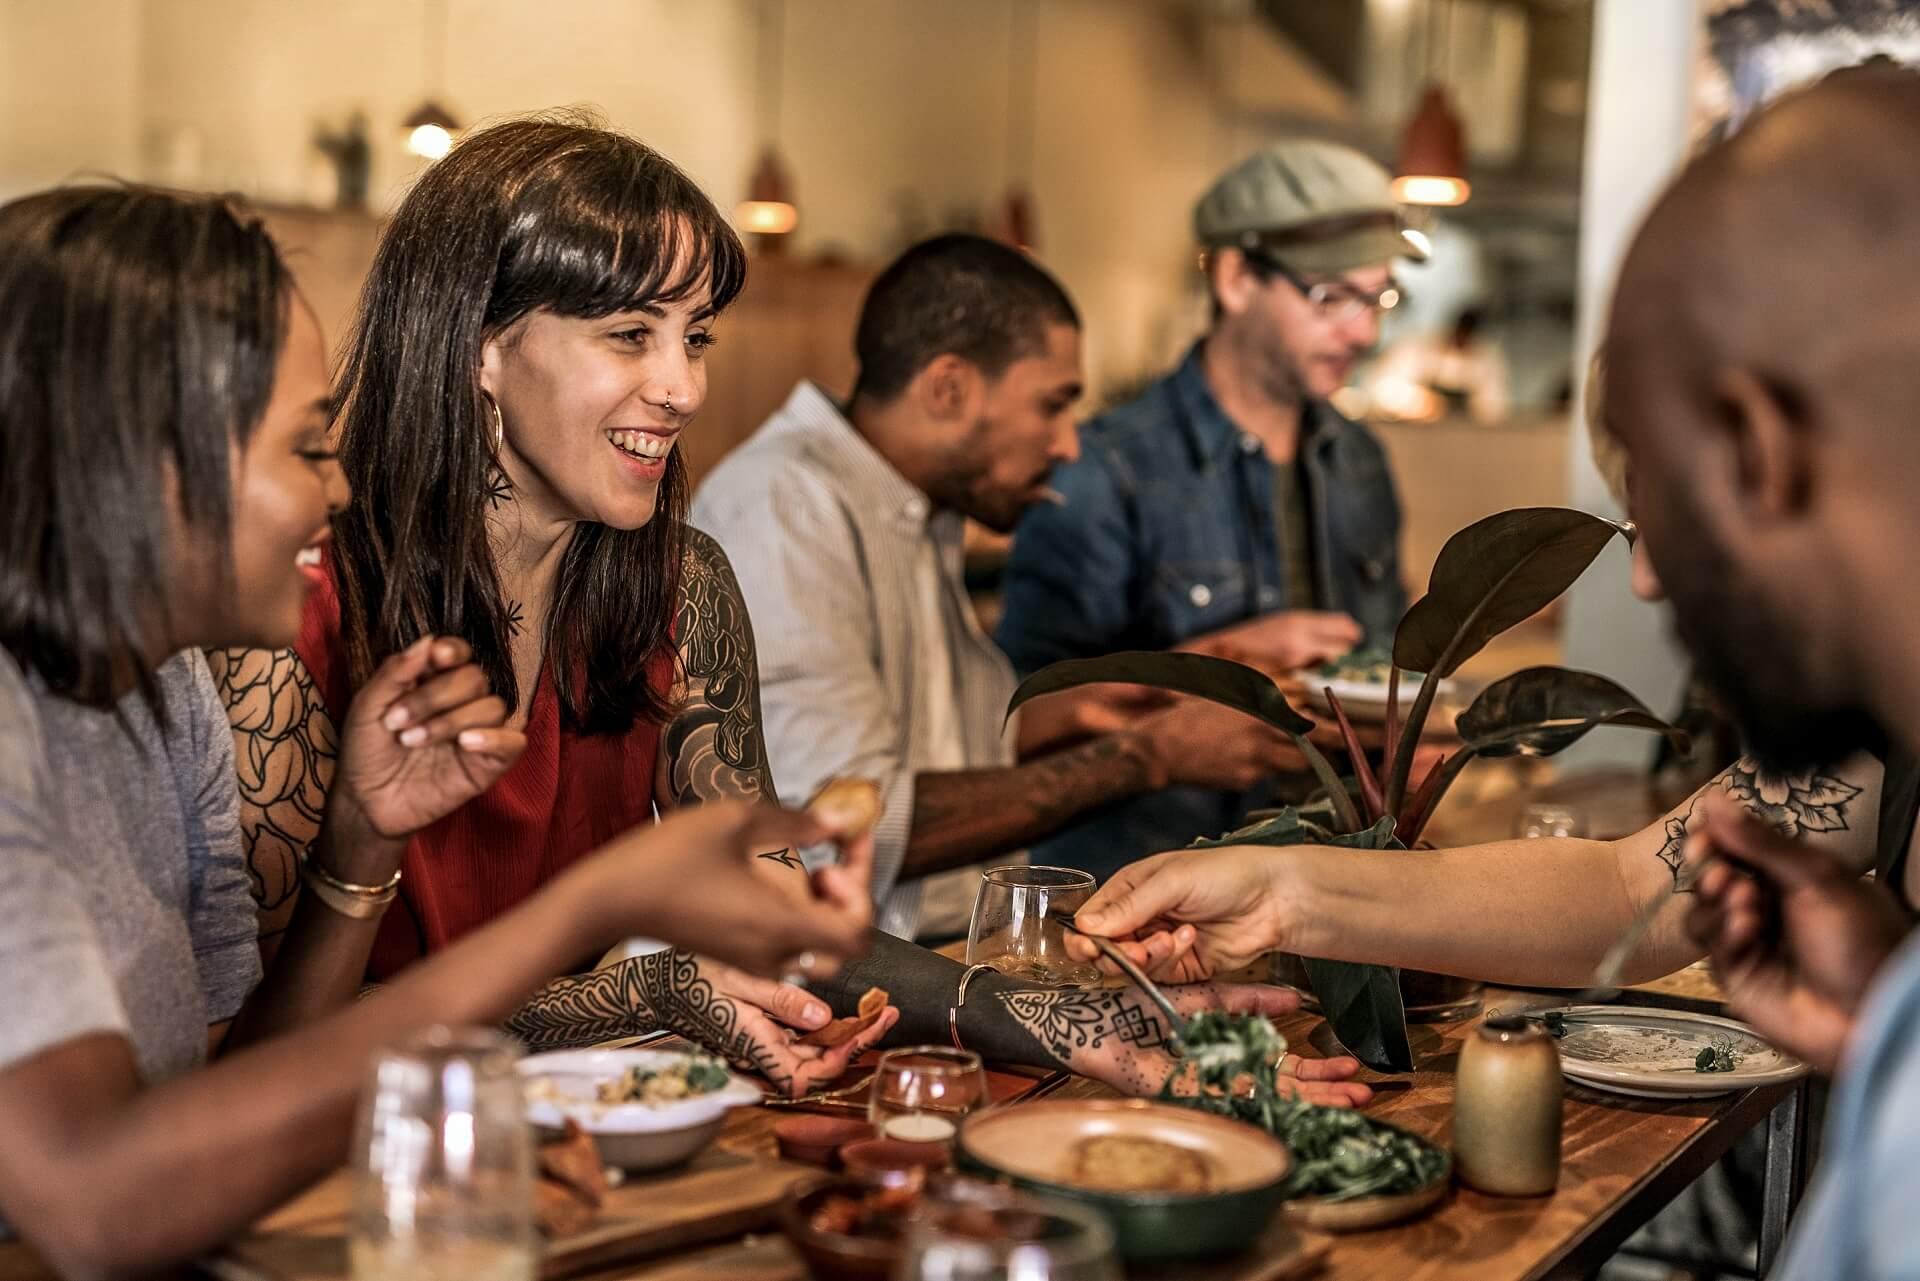 Normalität in der Gastro, Bewirtung im Innenraum, Restaurantbesuch nach Corona